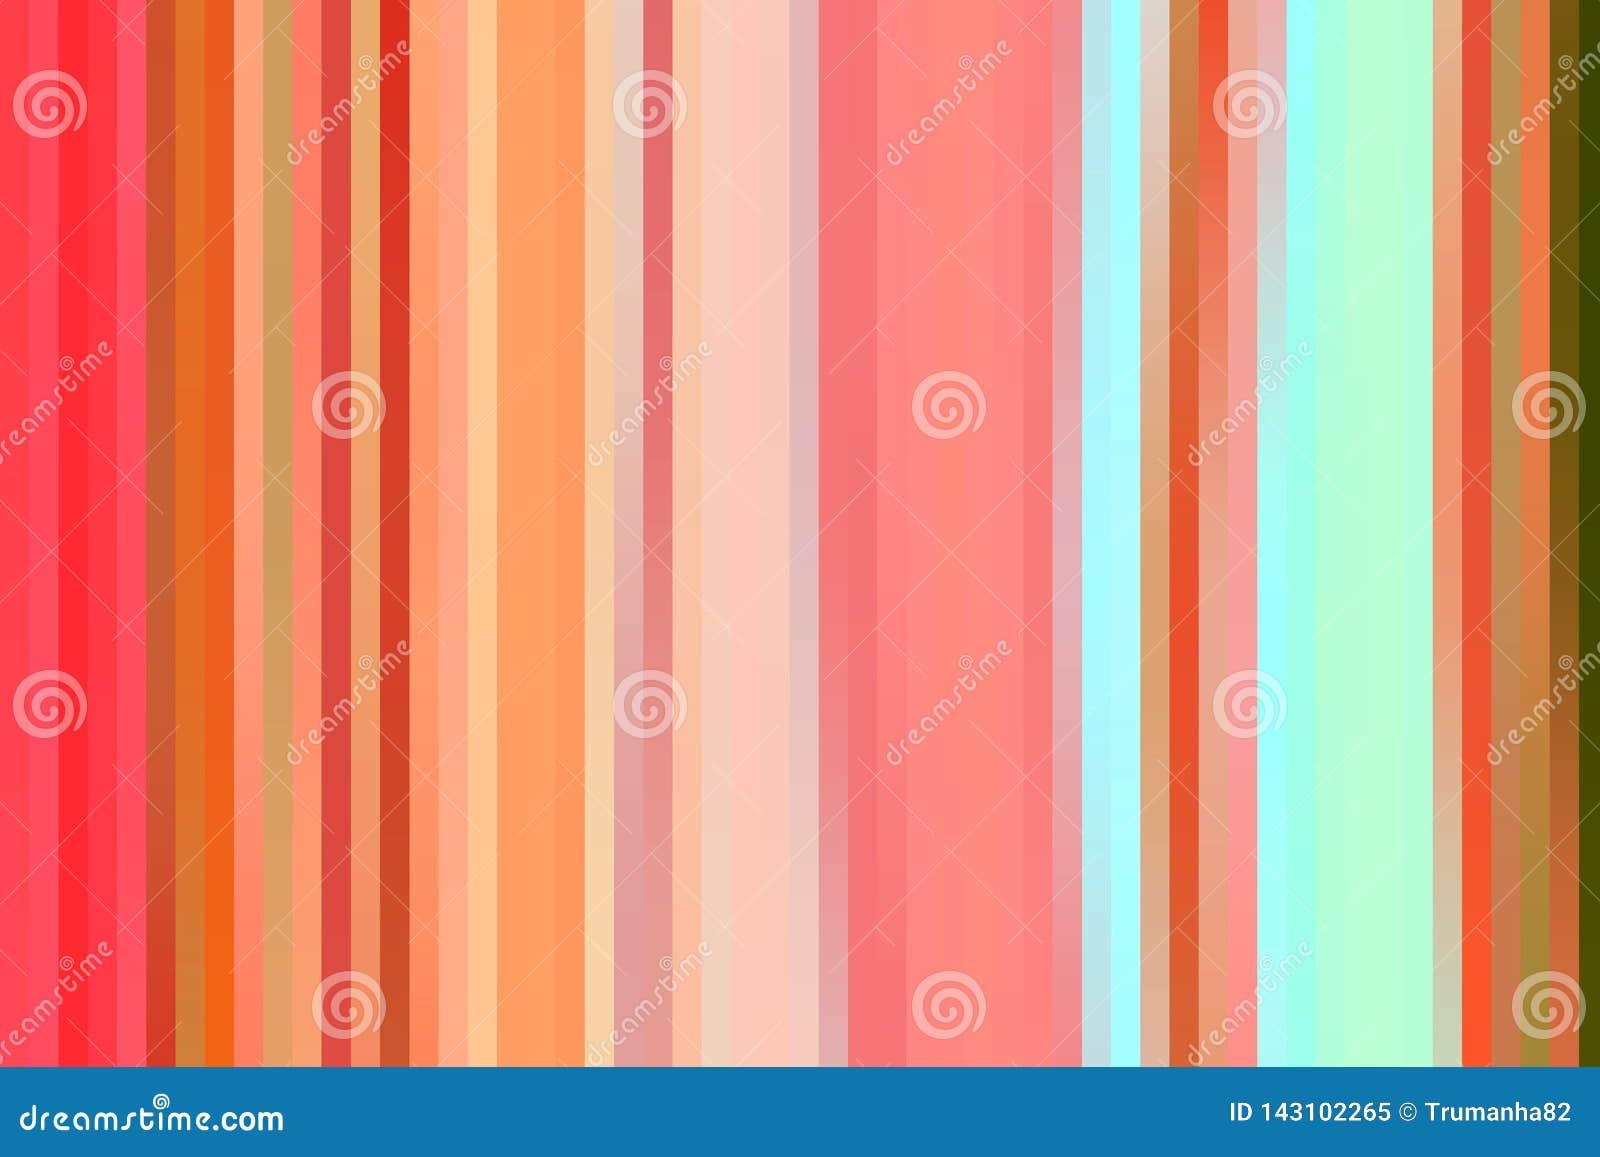 摘要垂直的多彩多姿的条纹构造背景